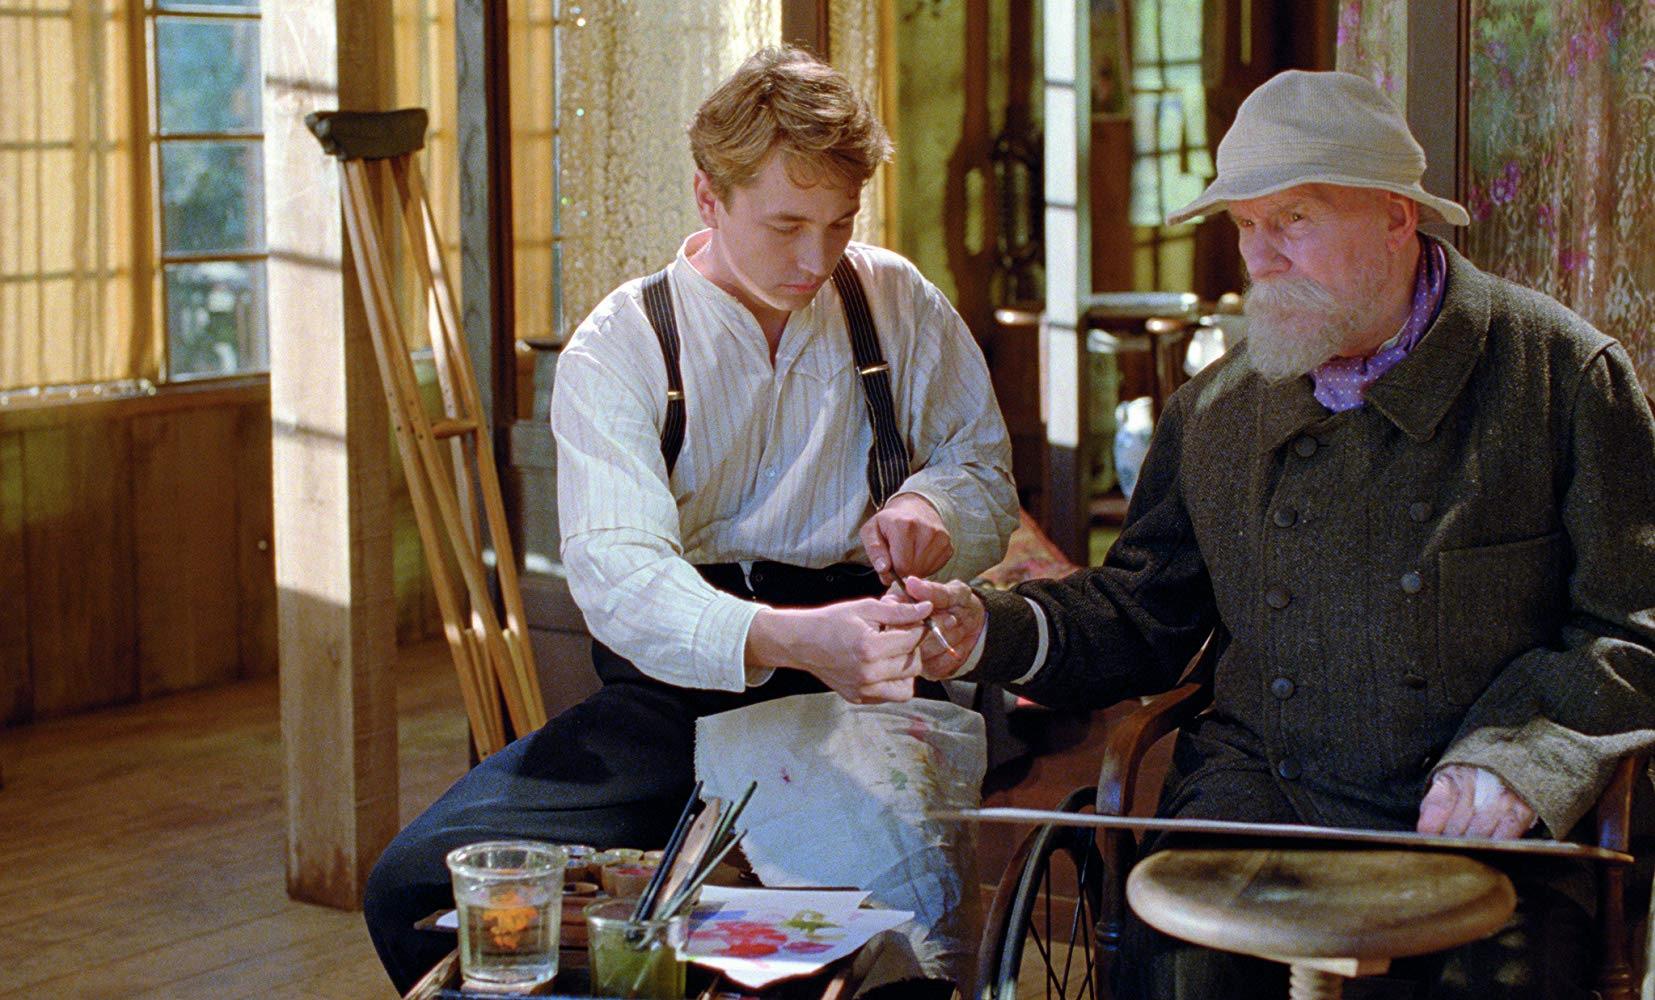 Renoir 2012 film still